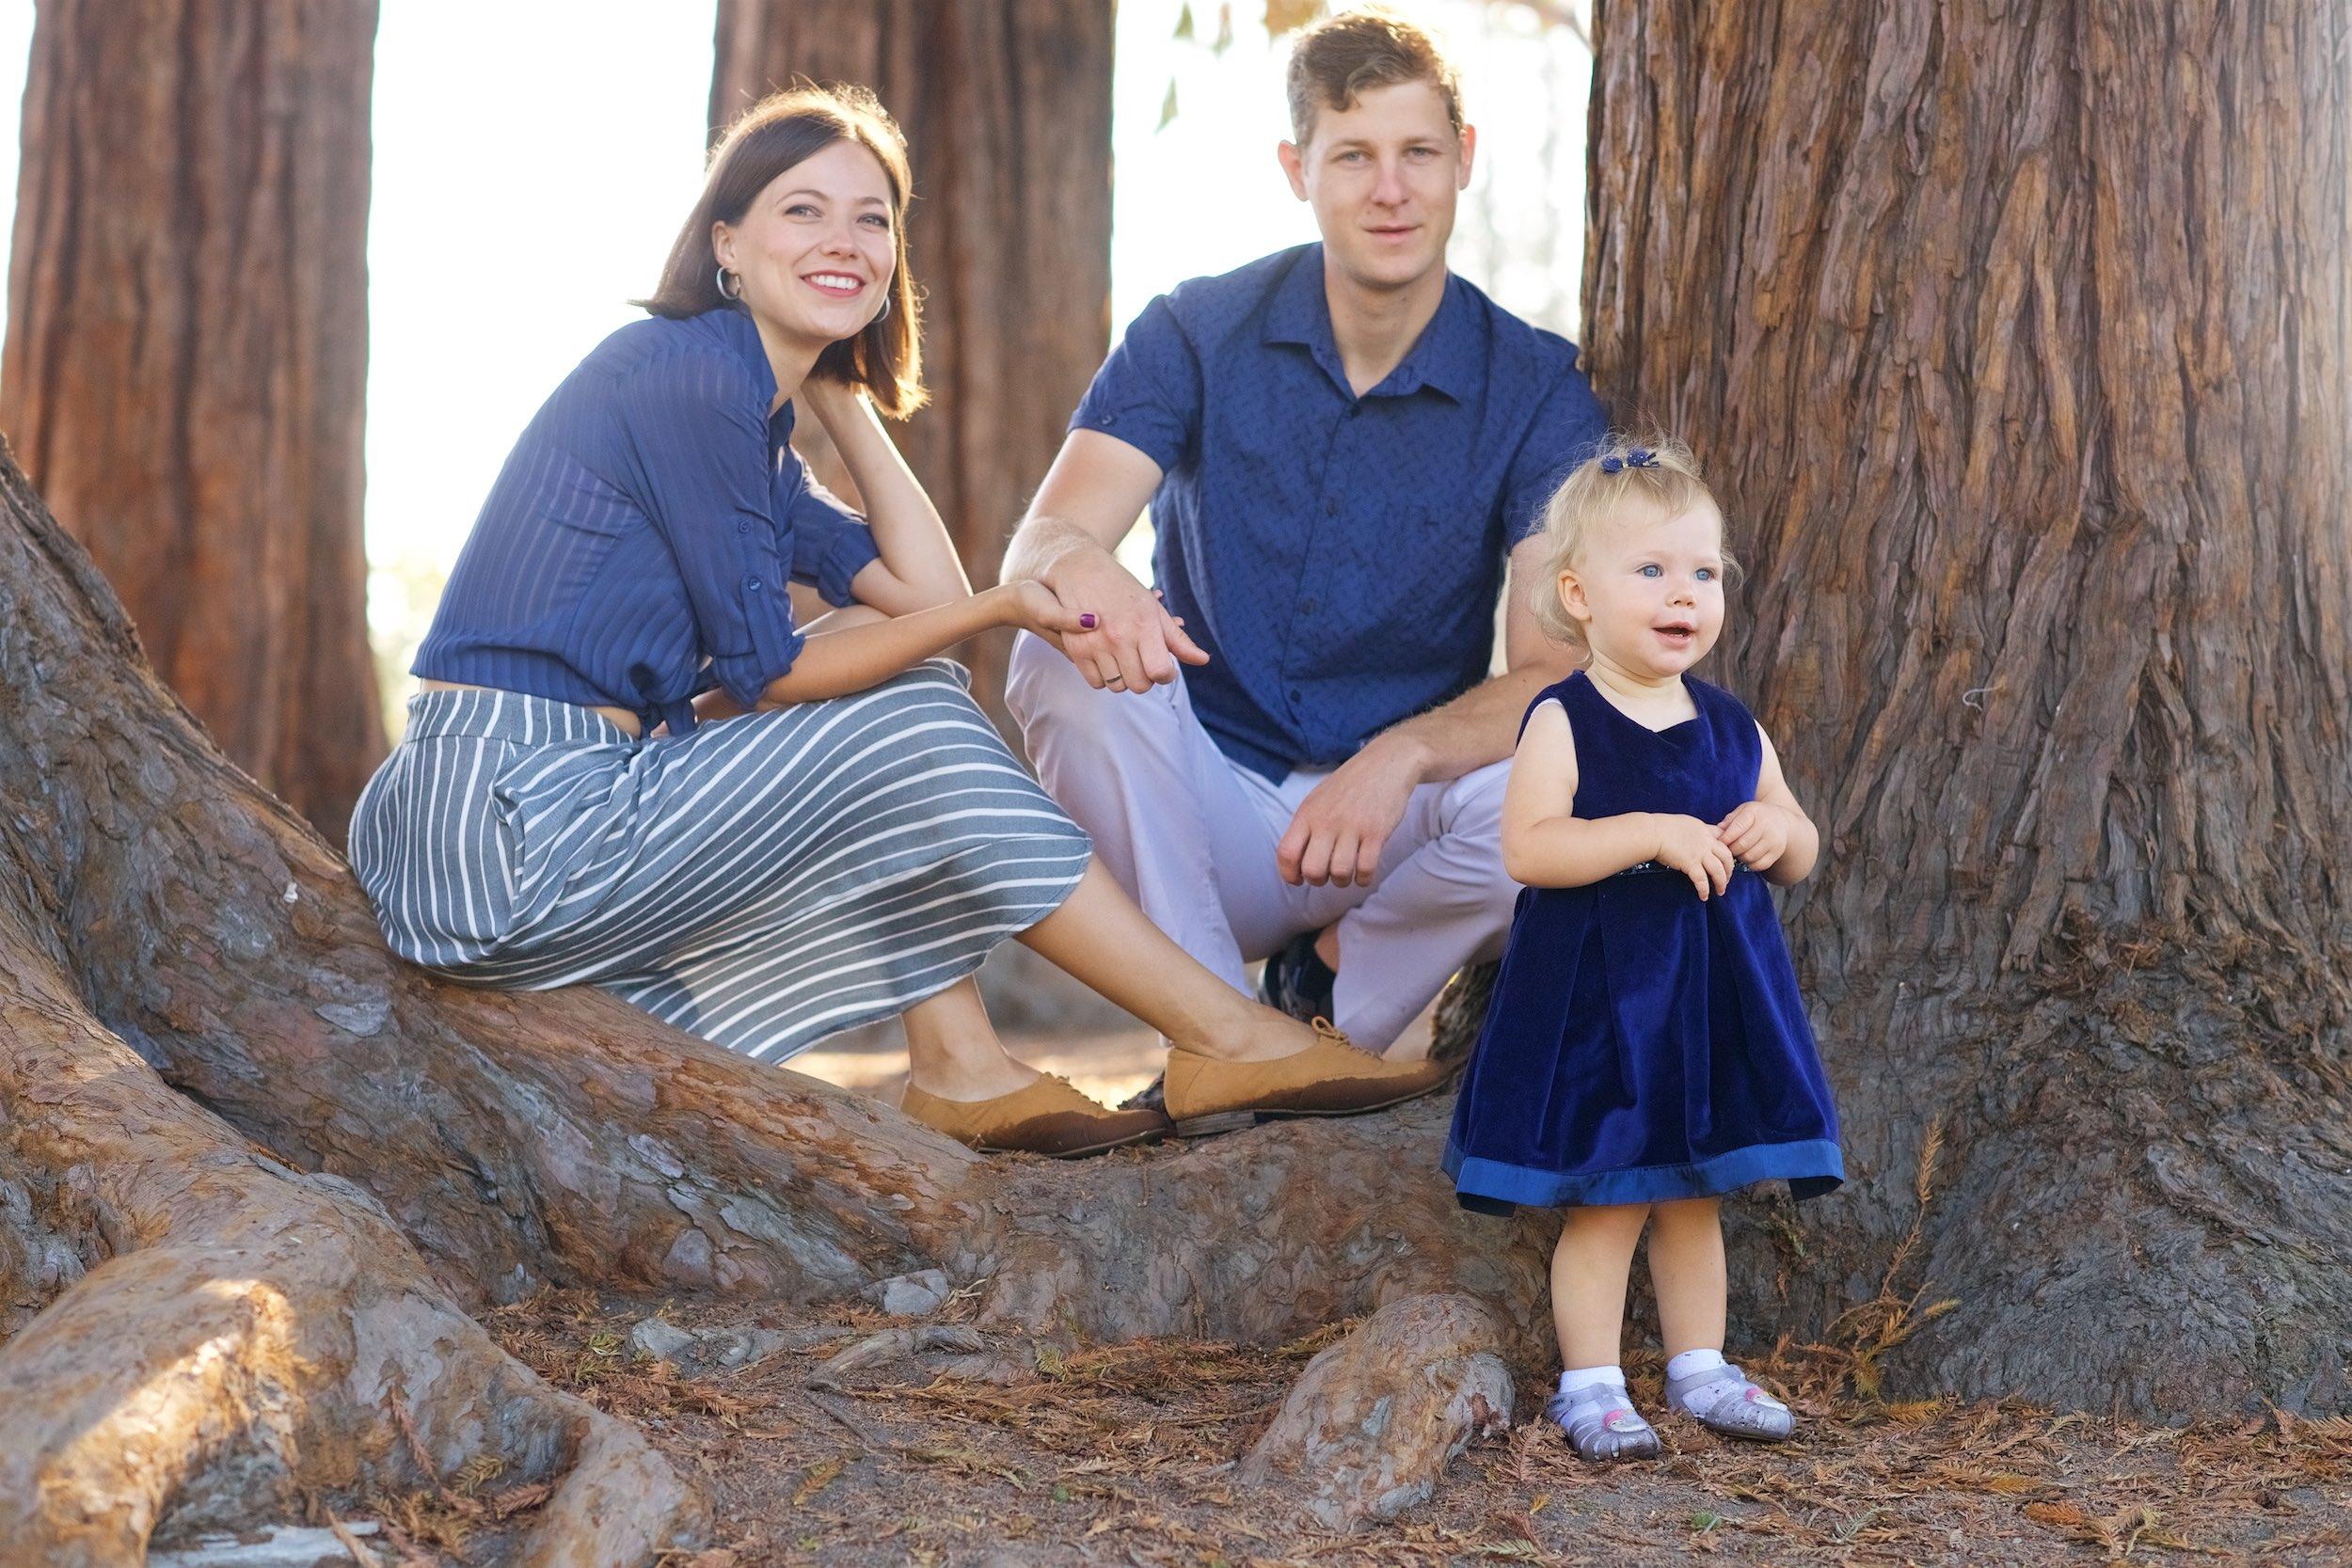 family-sample-rg-007.jpg